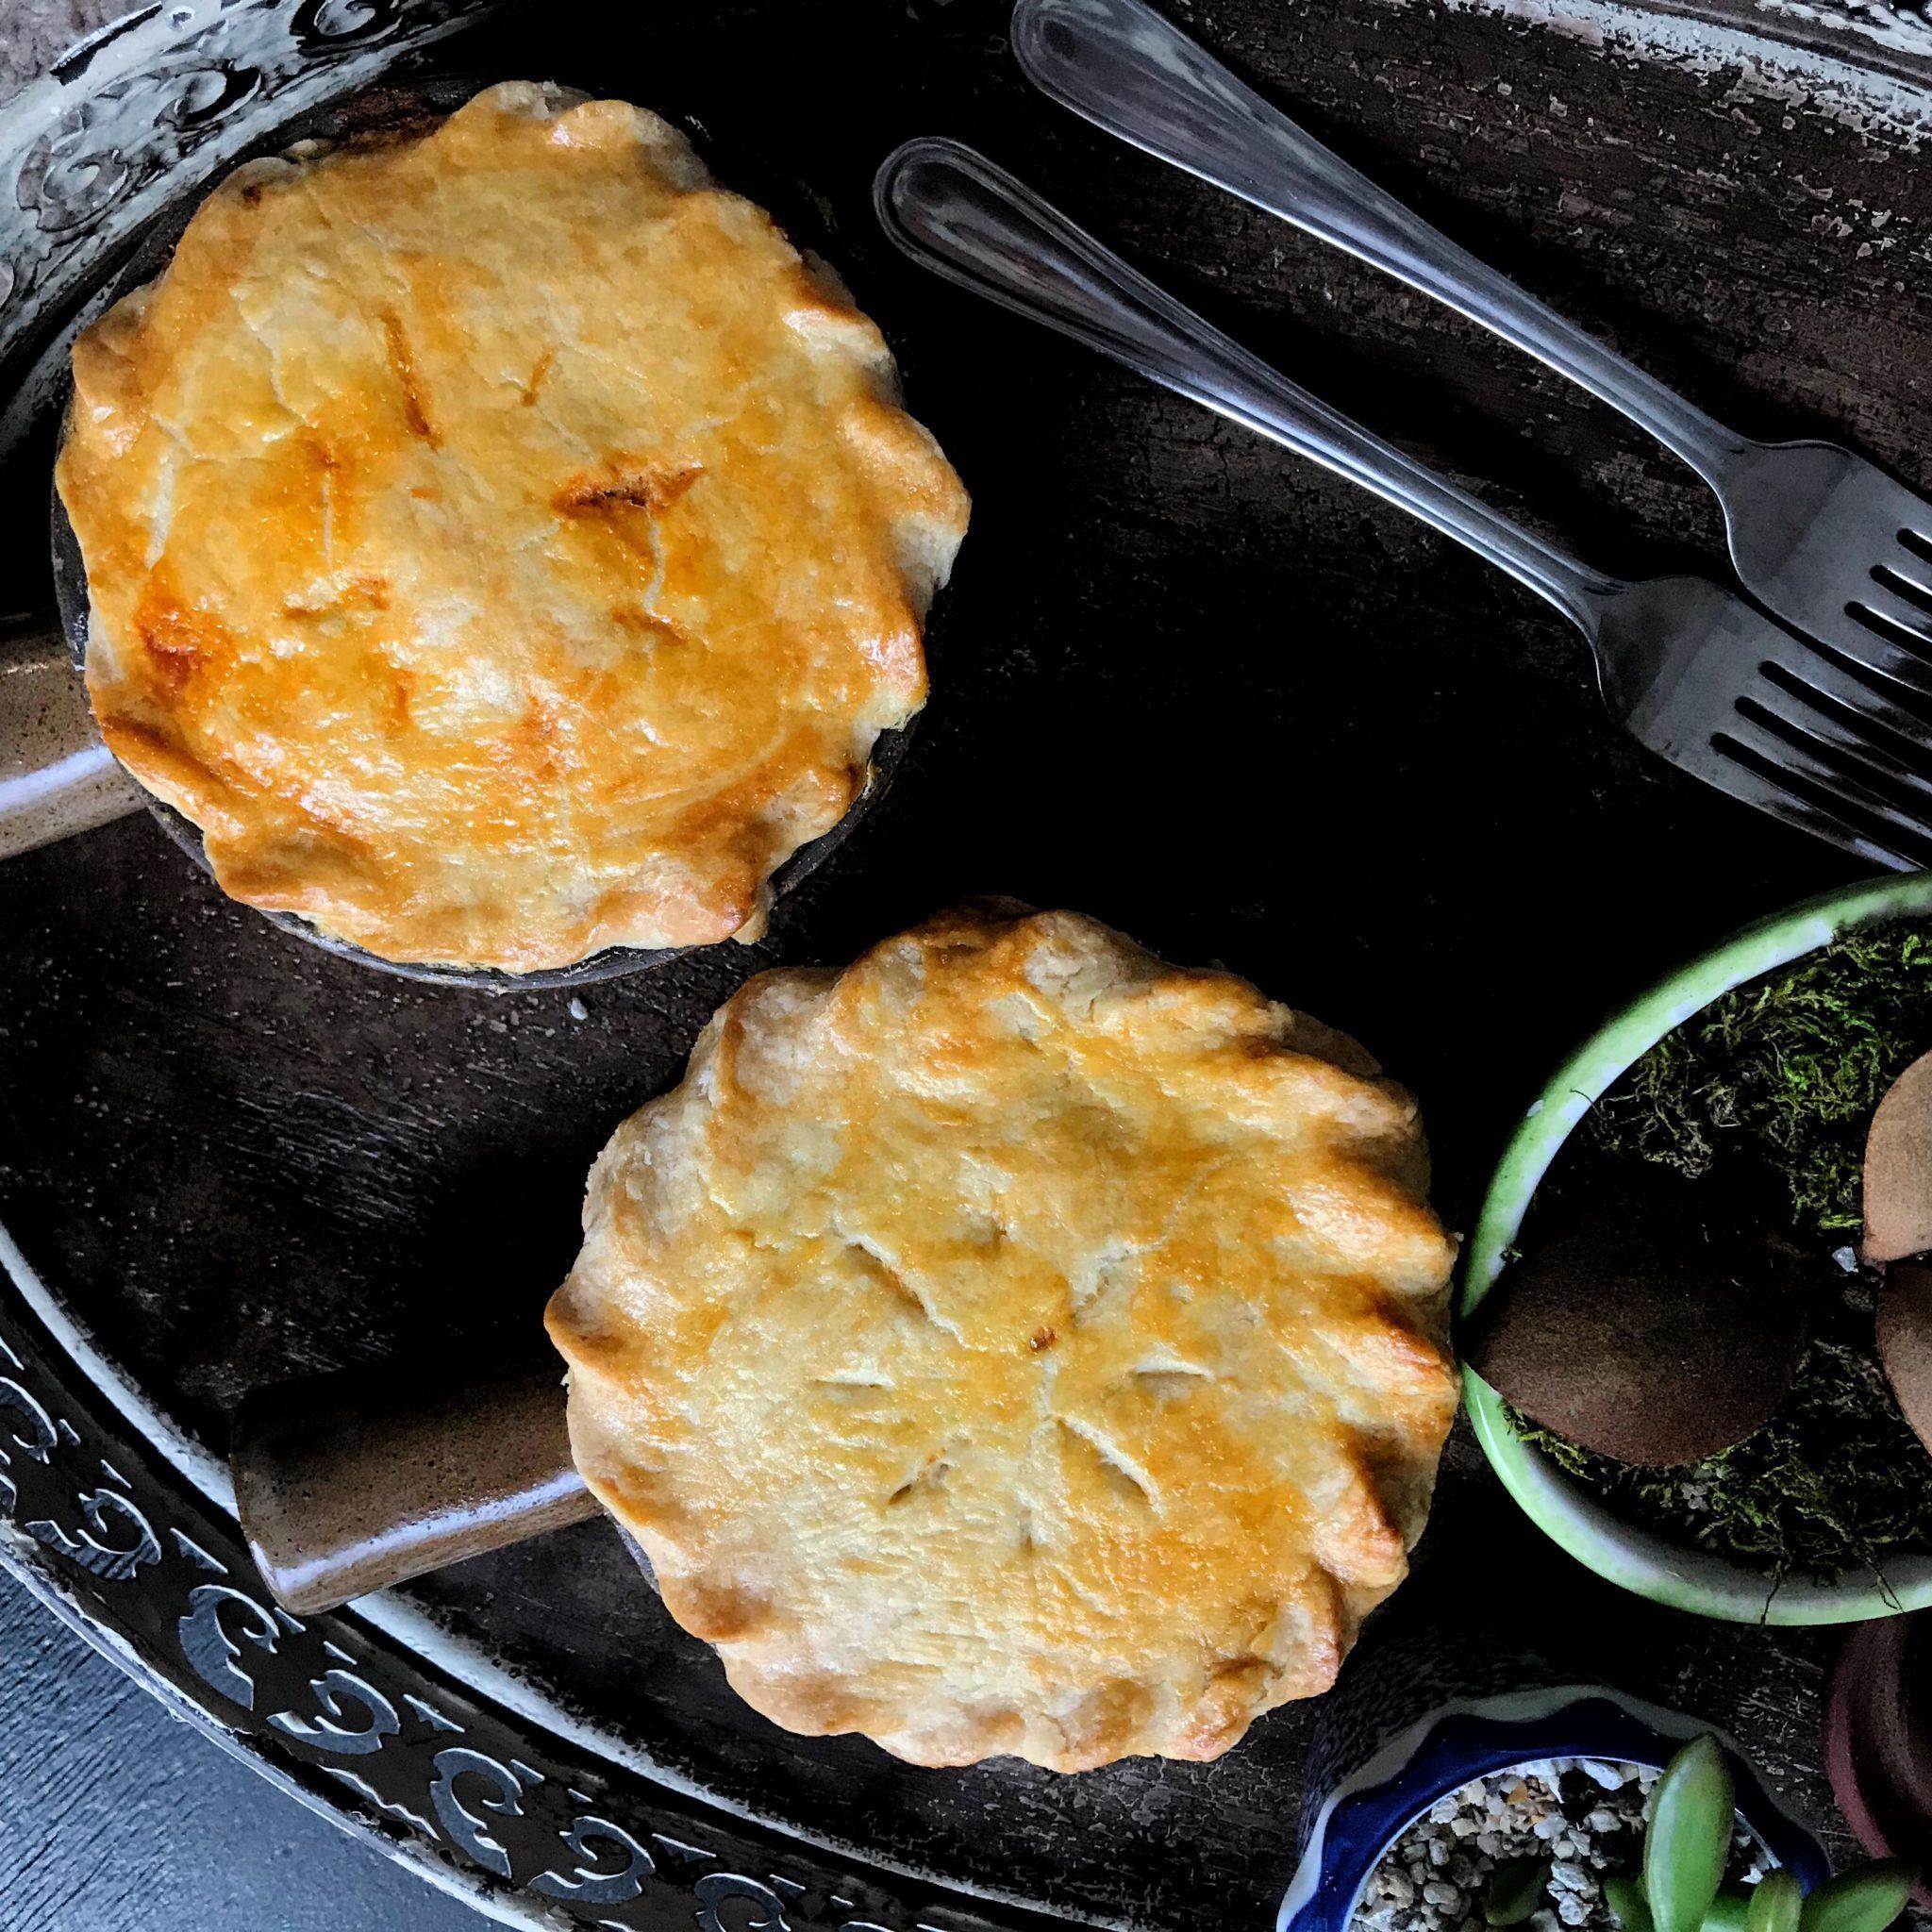 Sidesgiving recipes: Mini Turkey Pot Pies at Pot of Gold Recipes